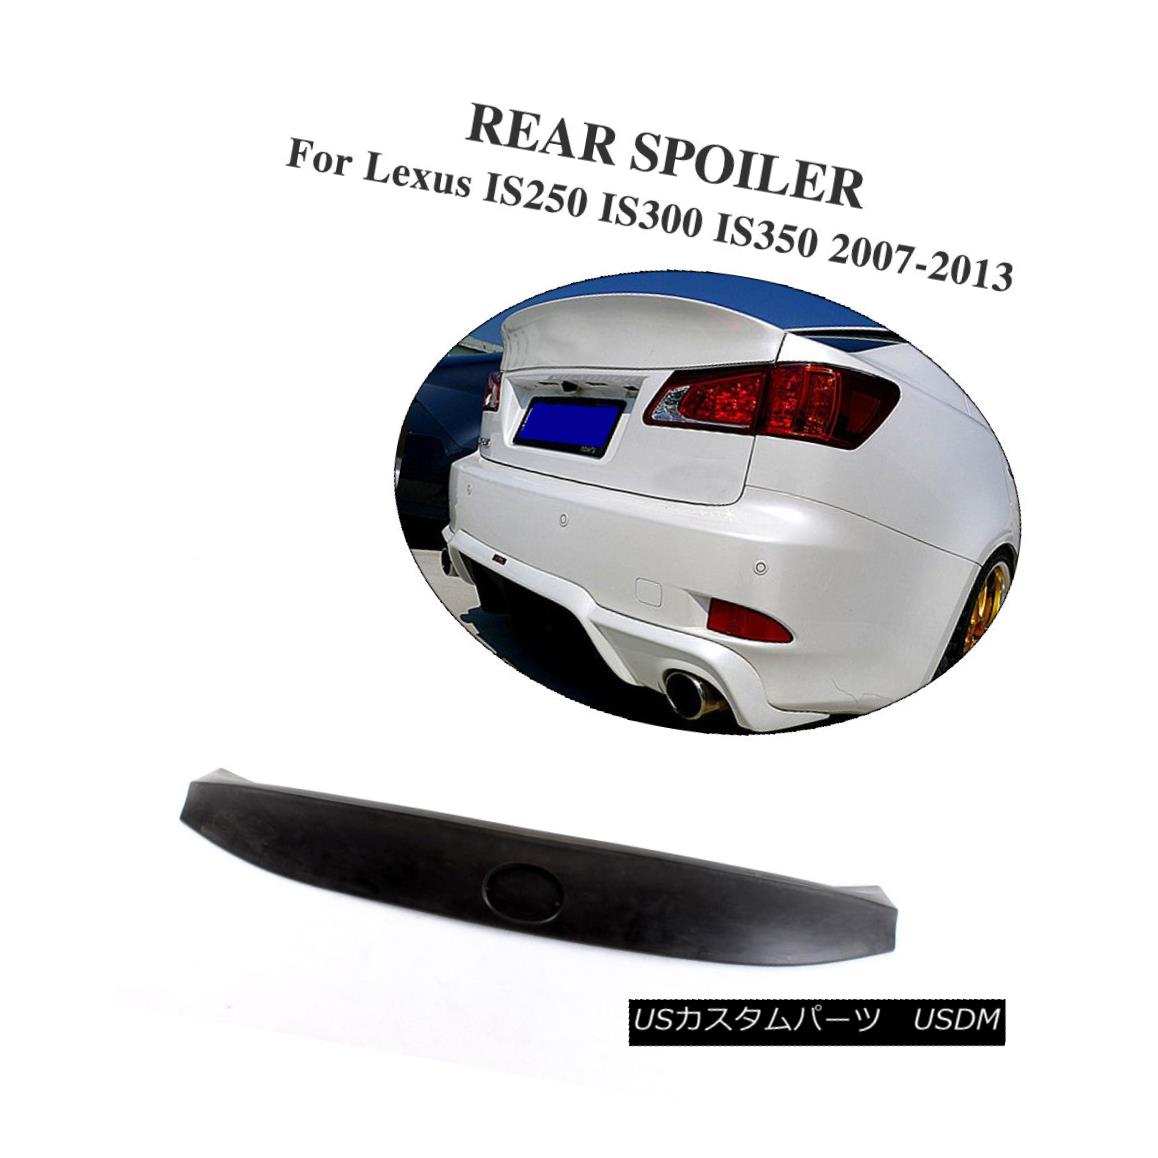 エアロパーツ Auto Rear Spoiler Trunk Lip Wing Fit for Lexus IS300 IS350 IS250 07-13 Unpainted Lexus IS300 IS350 IS250用自動リアスポイラートランクリップウイング07-13未塗装